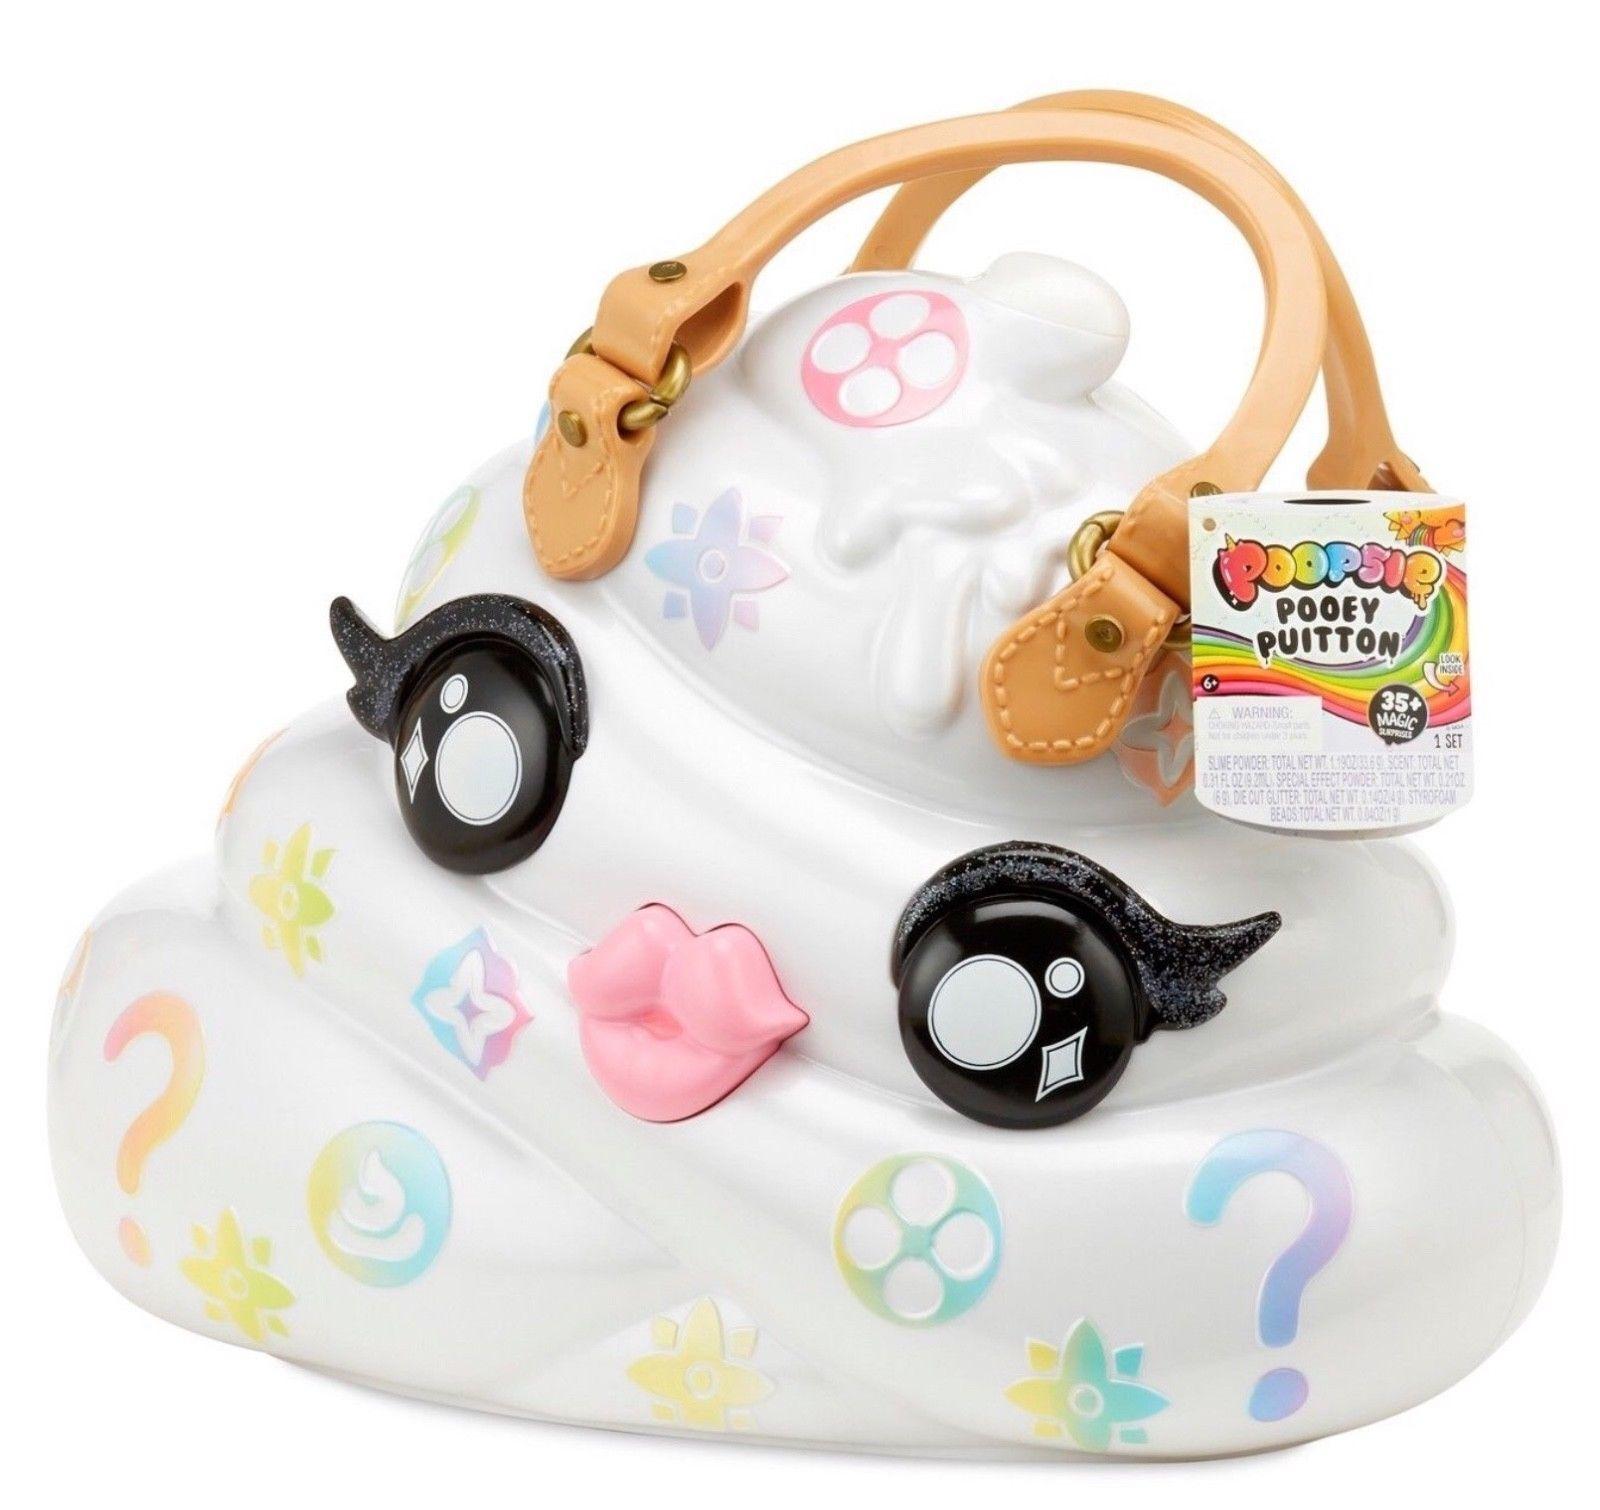 Poopsie Super Pooey Puitoon Handtasche Slime Schleim Einhorn Unicorn MGA 54998